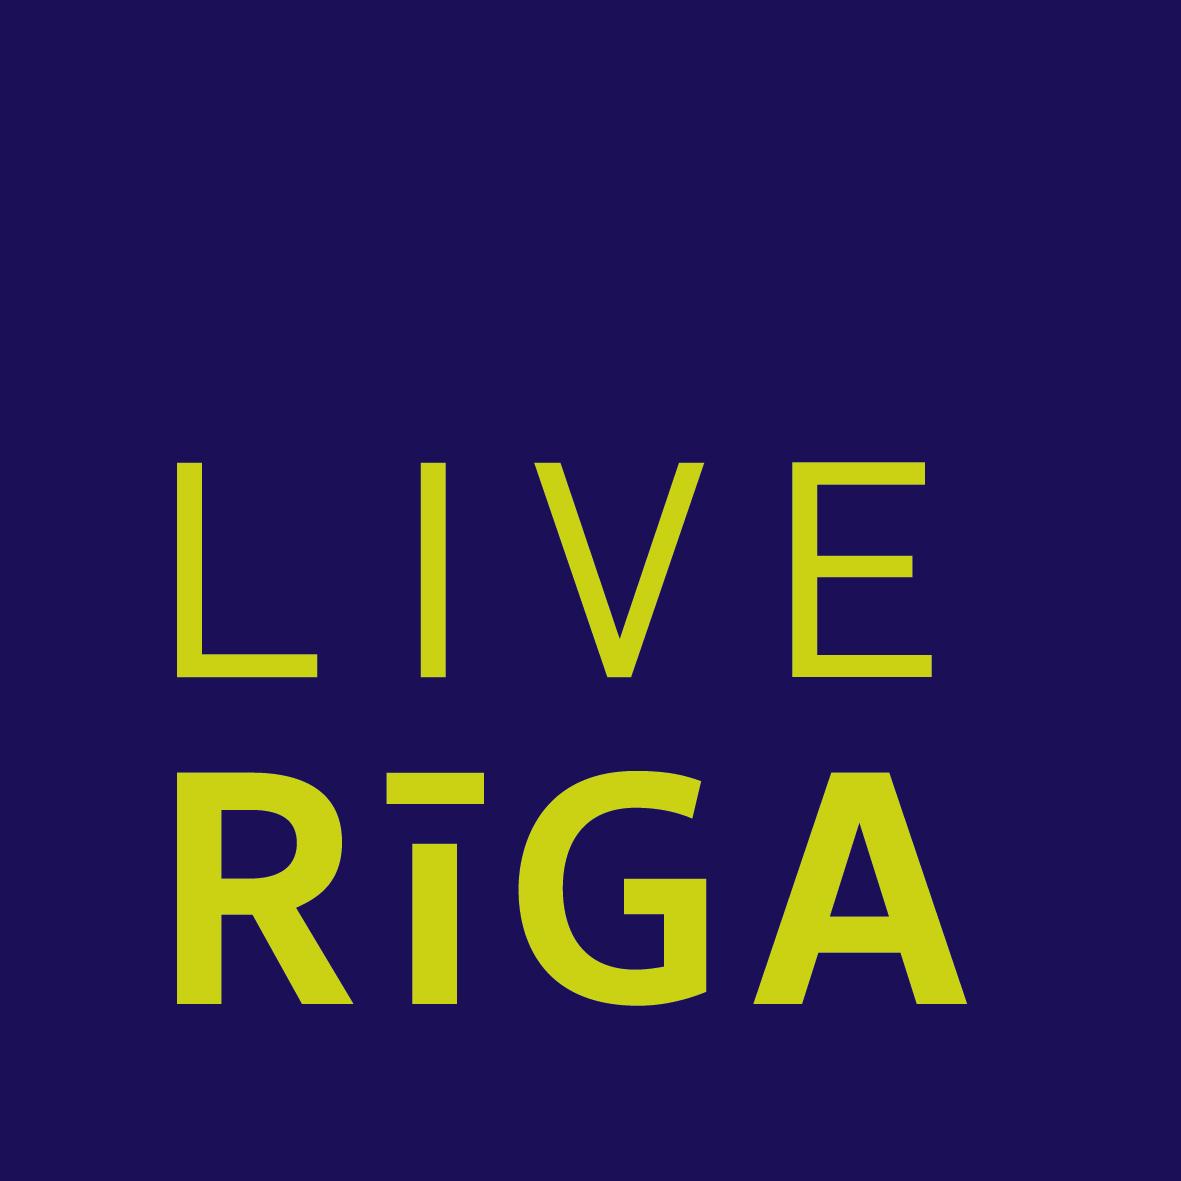 Riga Tourism Board - Live Riga